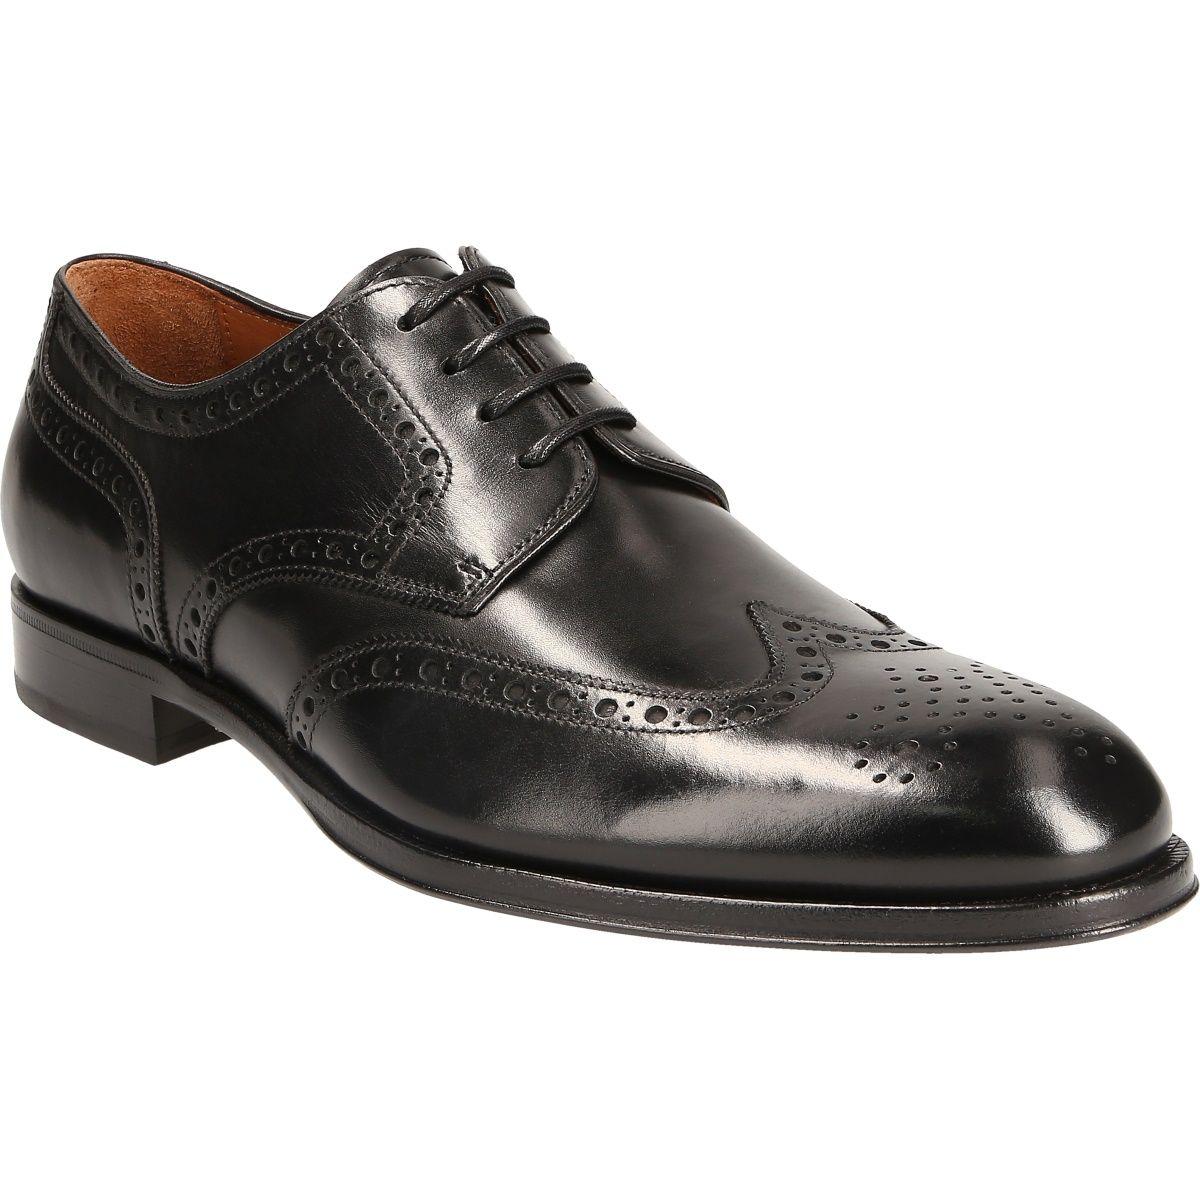 Lottusse L6967 Men S Shoes Lace Ups Buy Shoes At Our